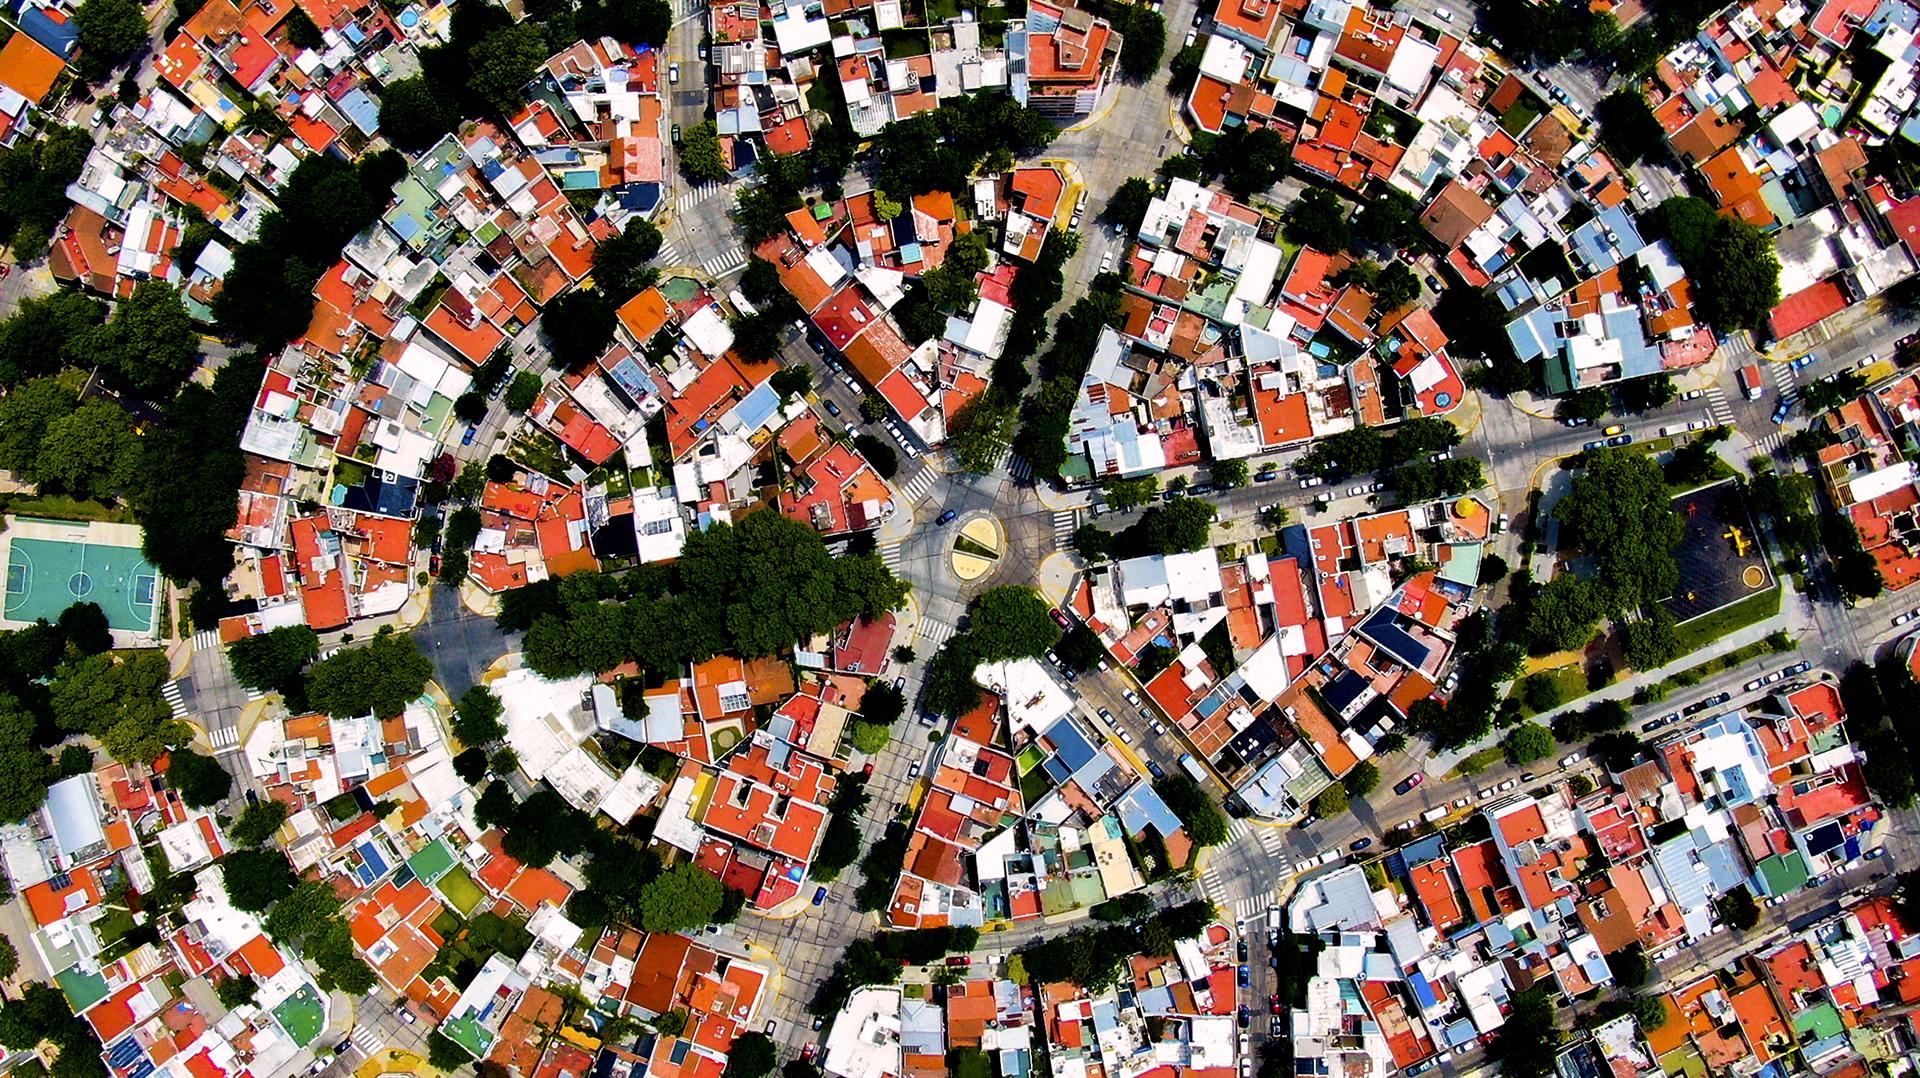 Parque Chas es el último barrio en conformarse de la Ciudad de Buenos Aires. Es reconocido por sus diagonales y su forma circular.